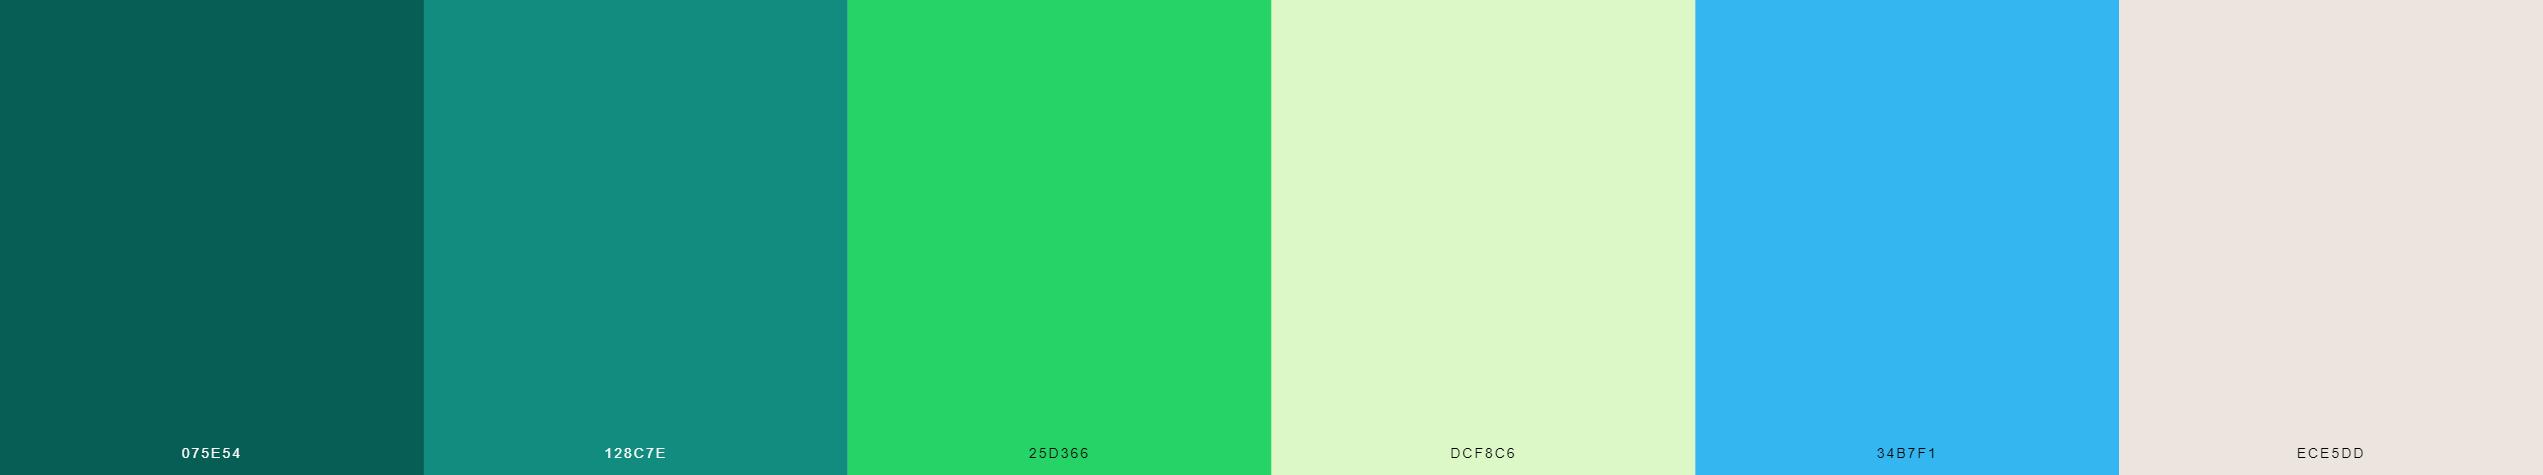 cách phối màu năm 2020